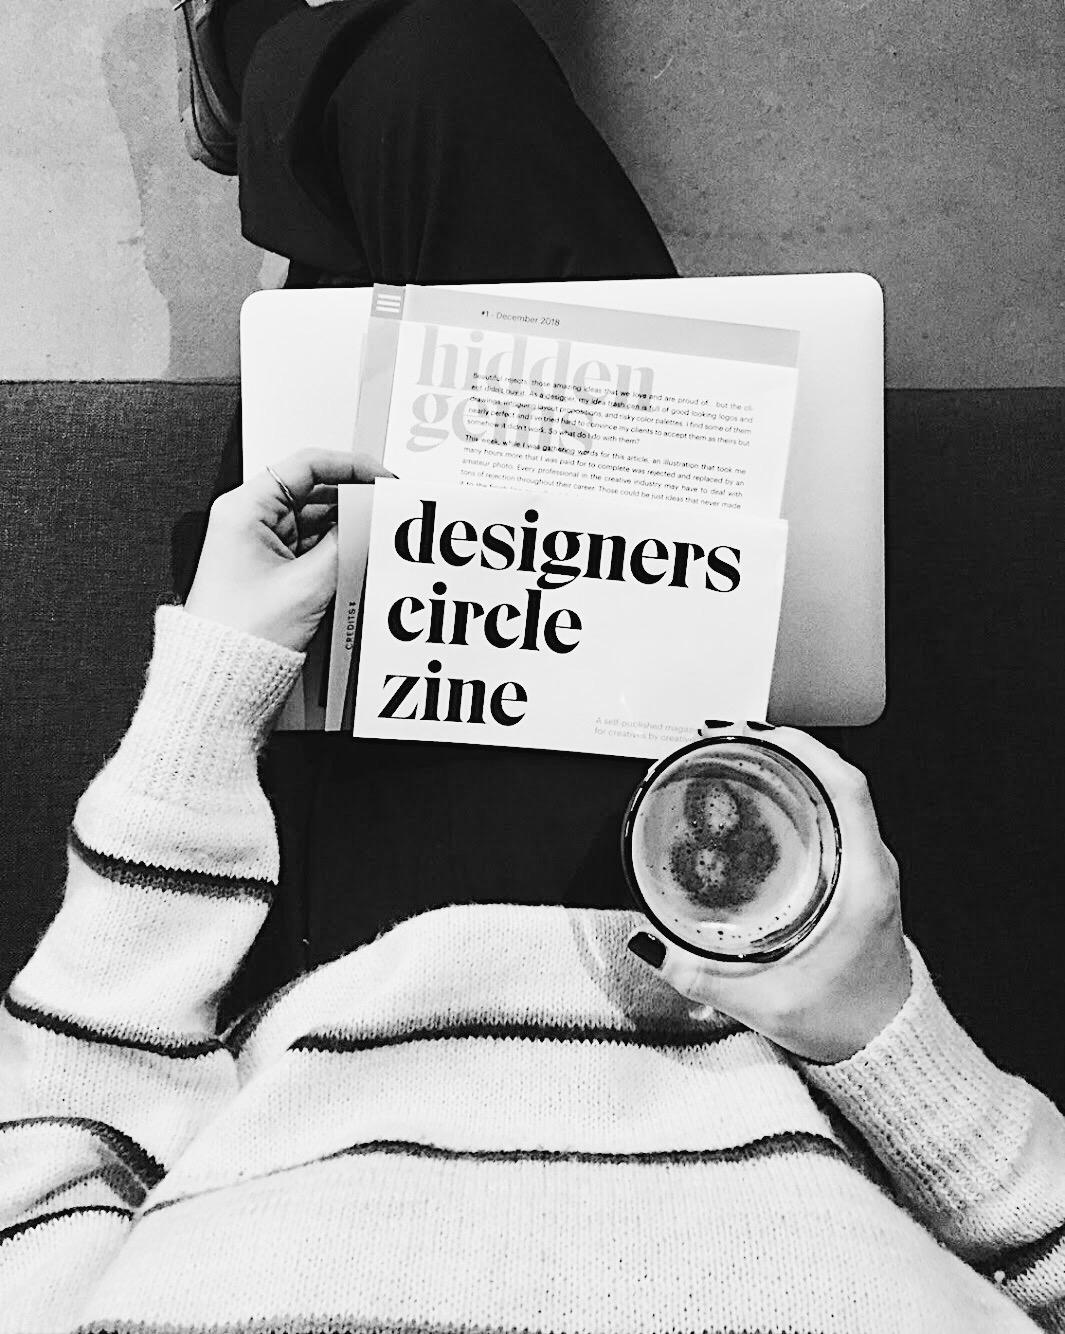 Designer's Circle Zine